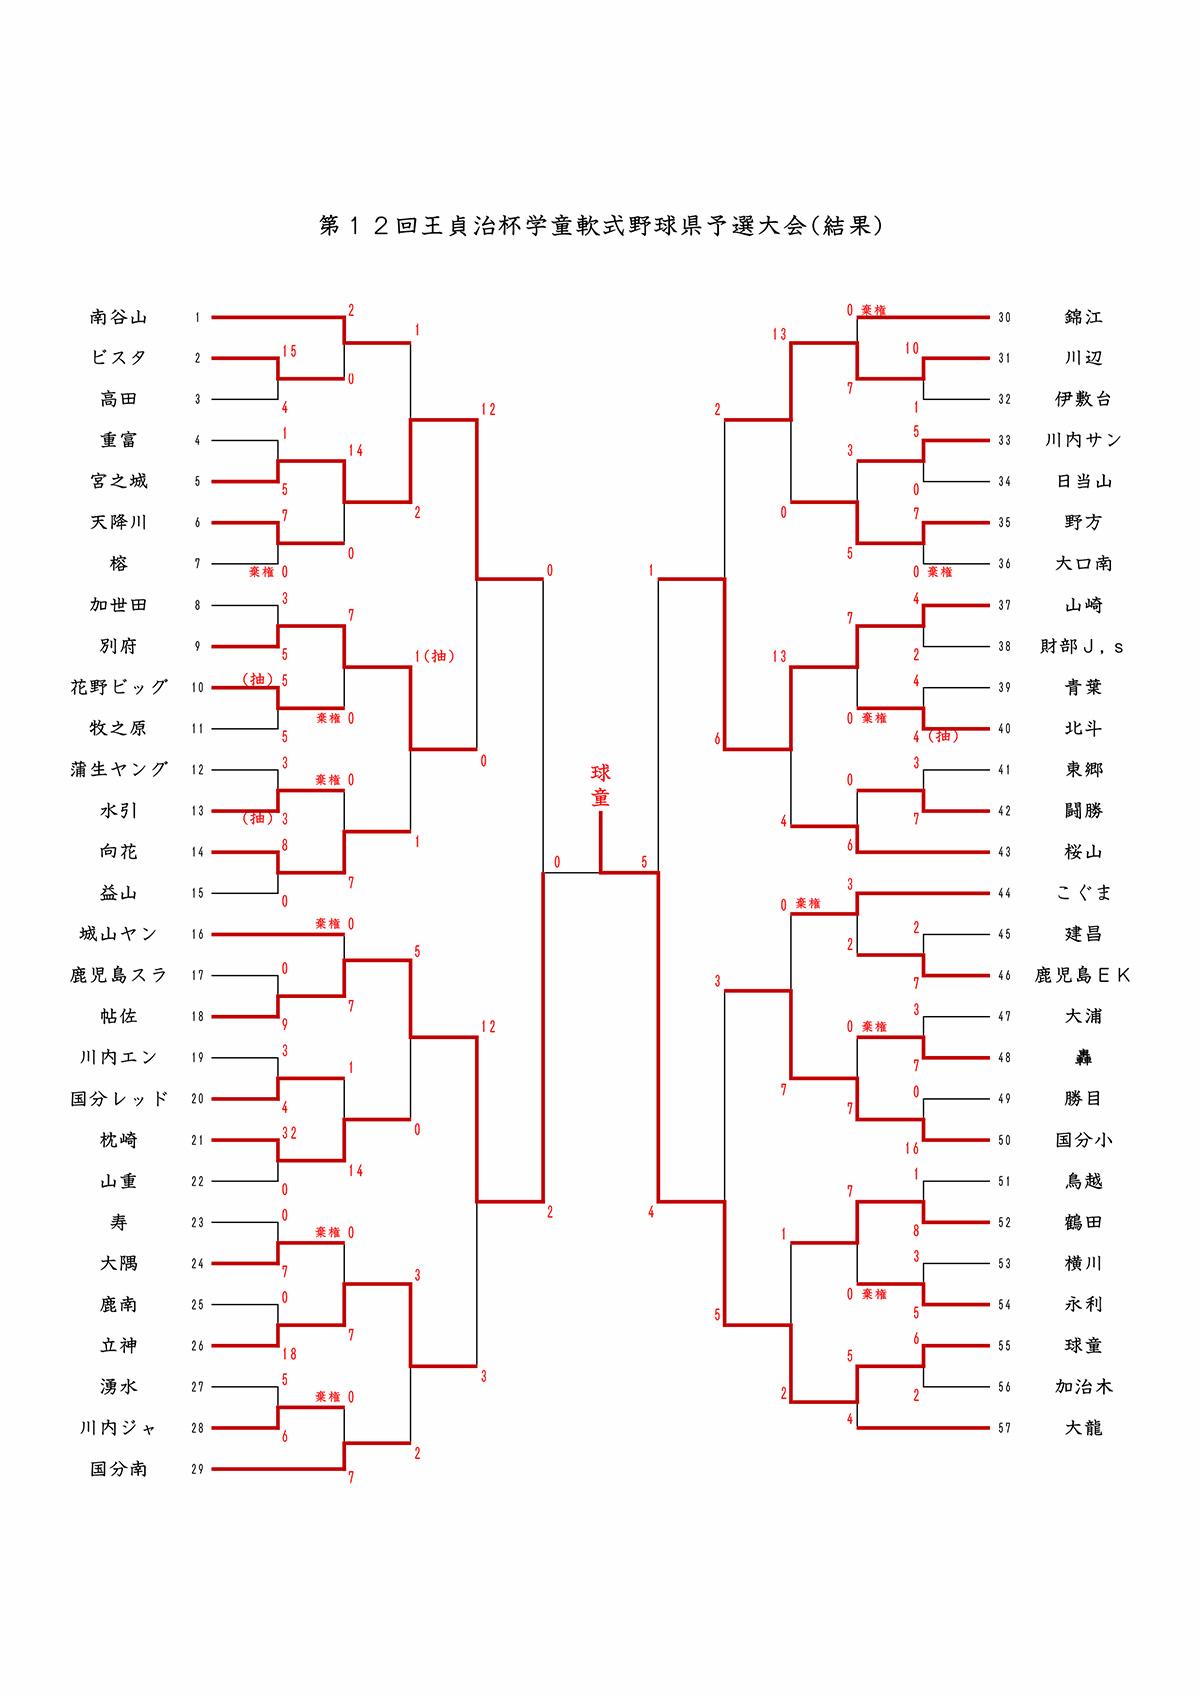 ▽[結果]第12回王貞治杯学童軟式野球県予選大会